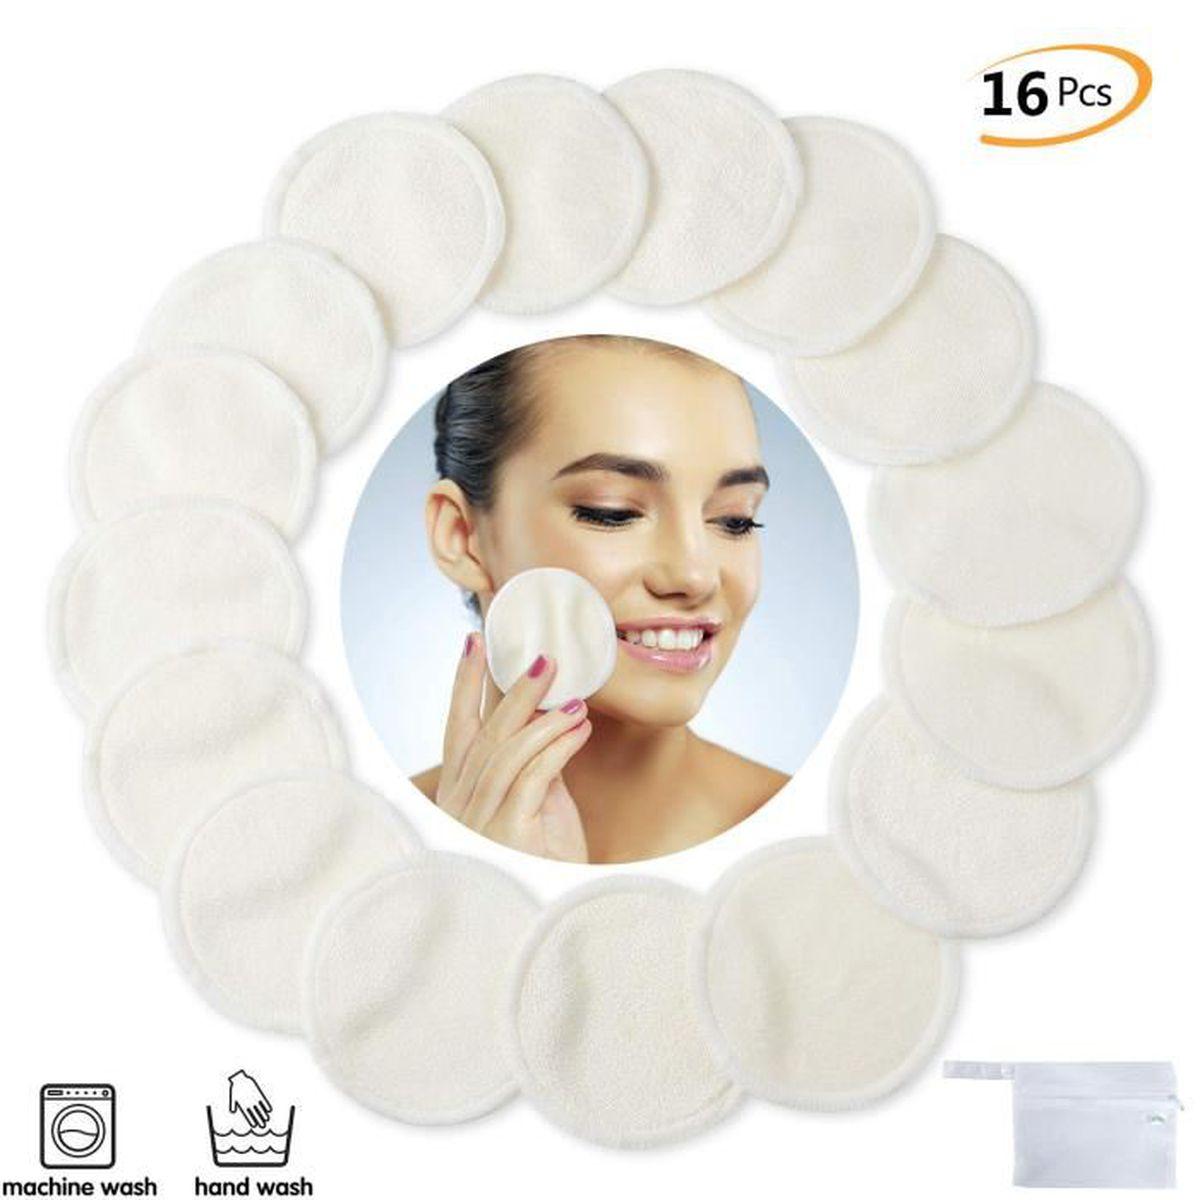 Coton d/émaquillant lavable Lingette demaquillante r/éutilisable Biologique Sac /à linge Tampons Ronds en fibre de bambou D/émaquillants disques coton demaquillant